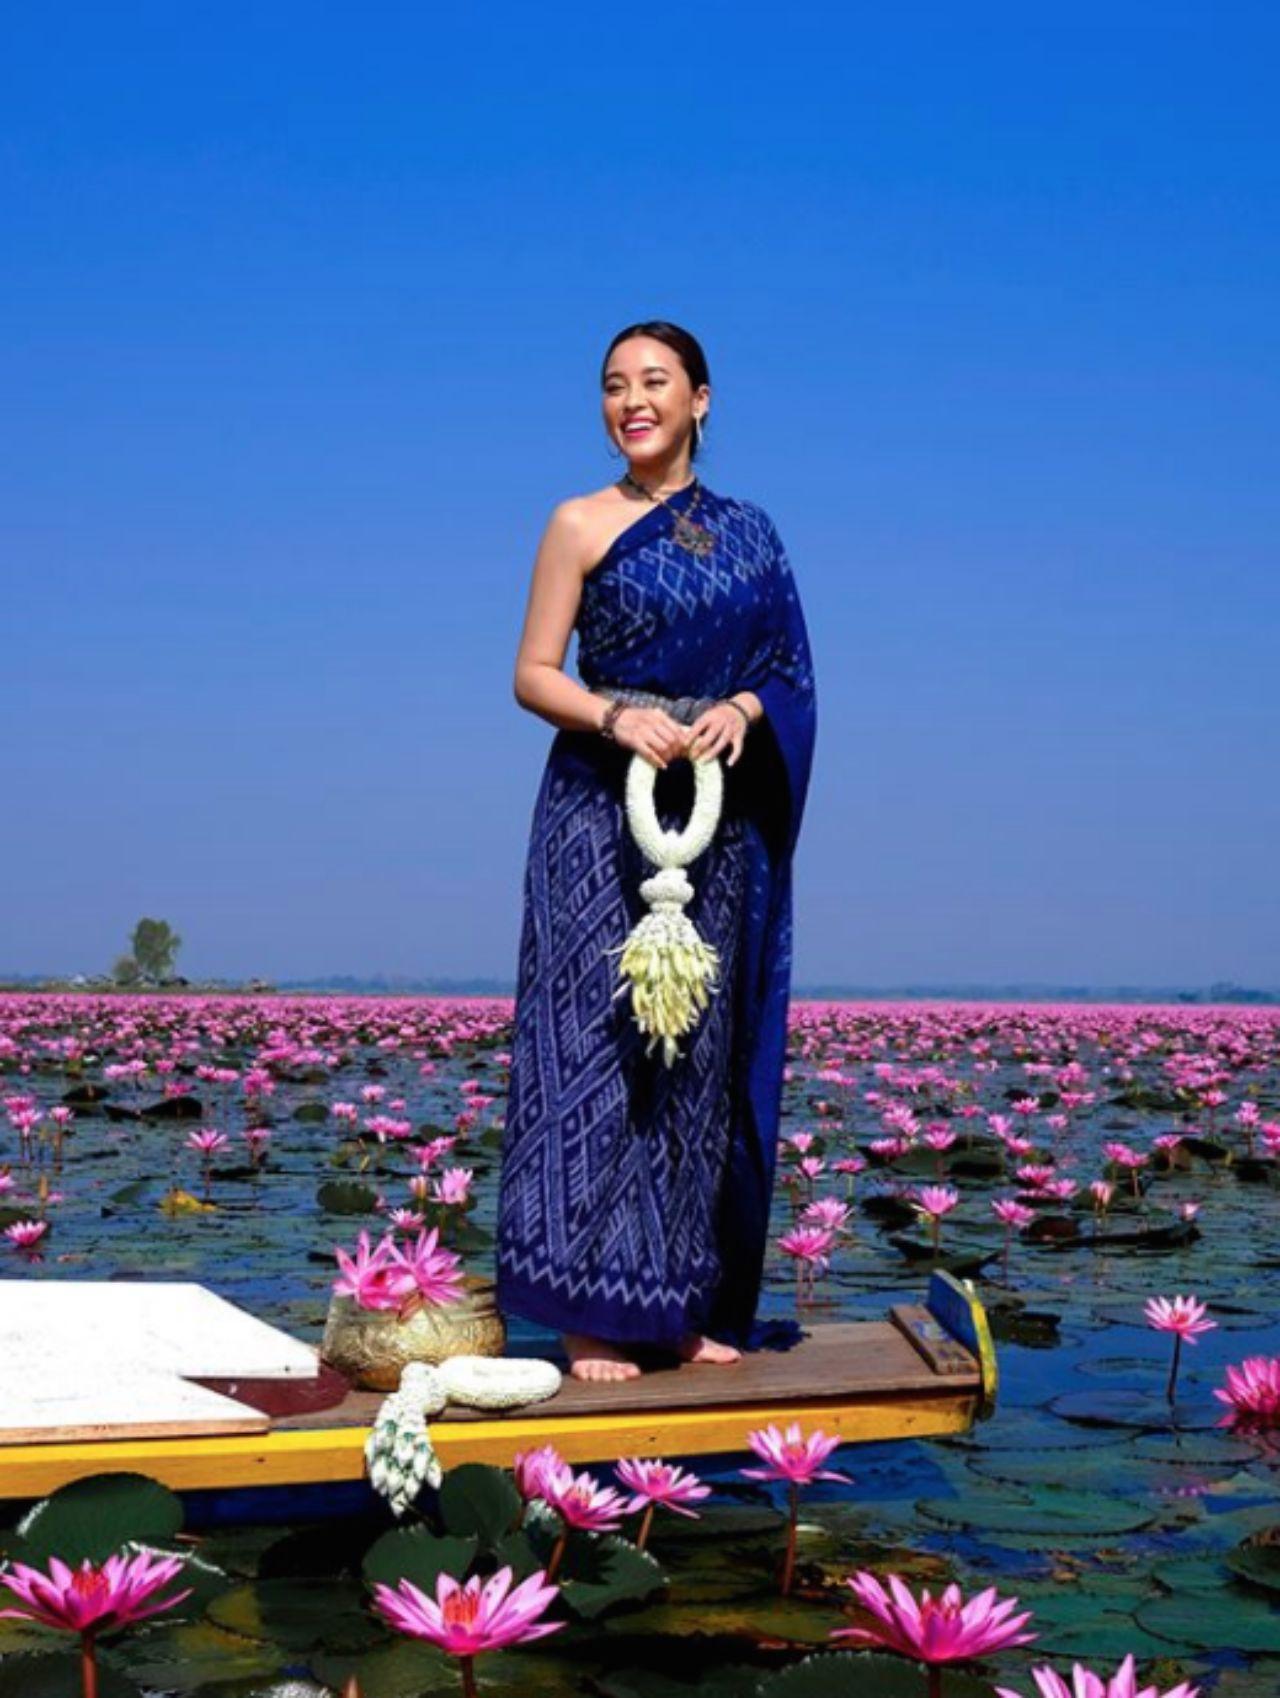 แต่งชุดไทยนั่งเรือชมทะเลบัวแดง